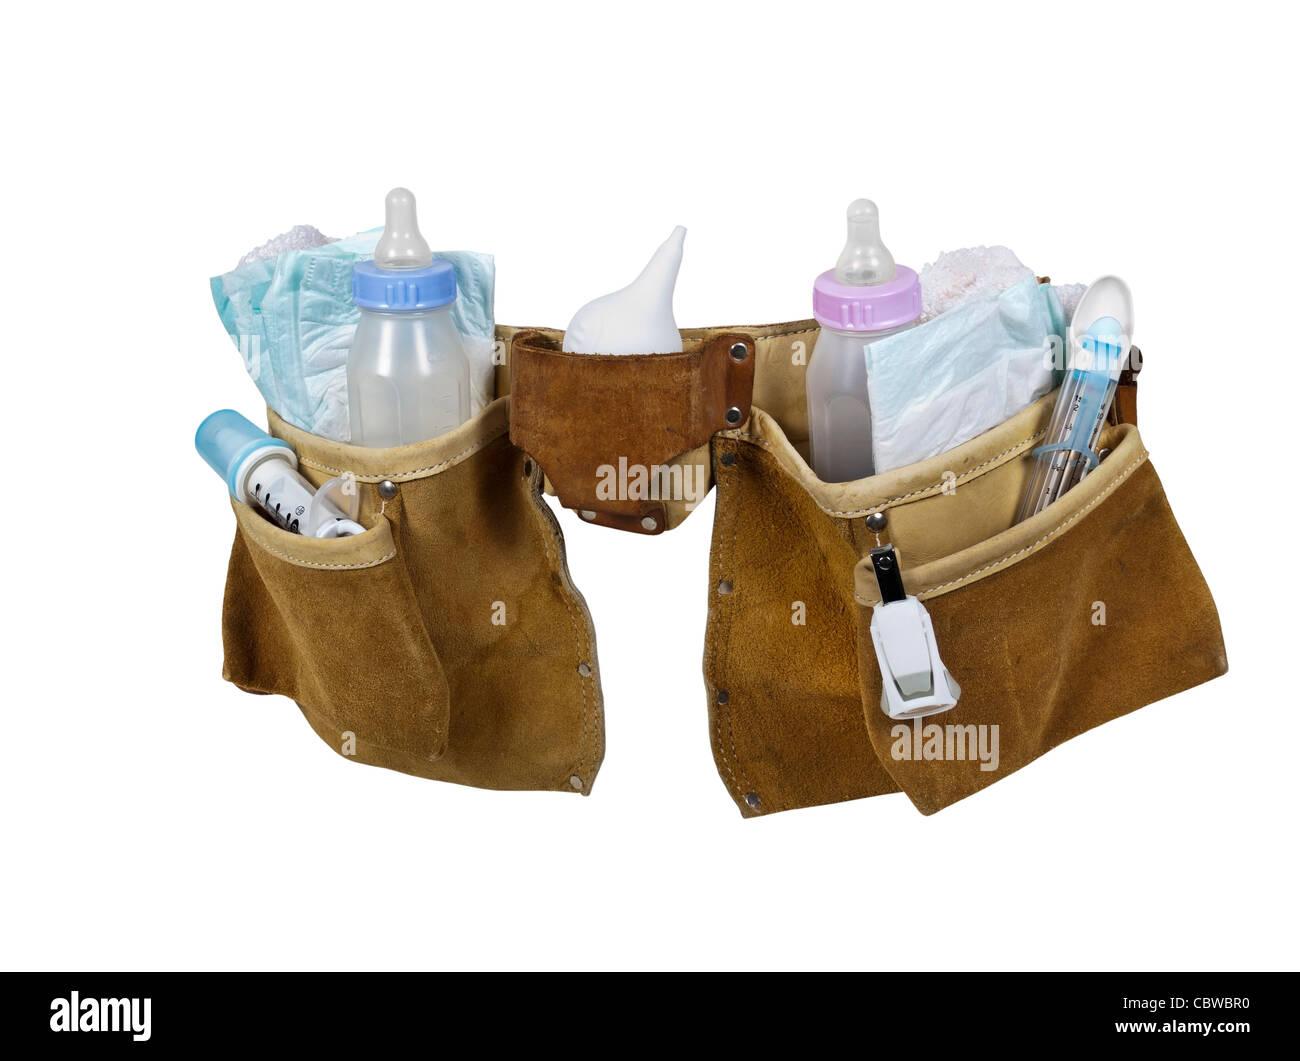 Artículos de bebé llenando un cinturón para herramientas de cuero para  transportar elementos convenientemente Imagen De ef51e1f9194e